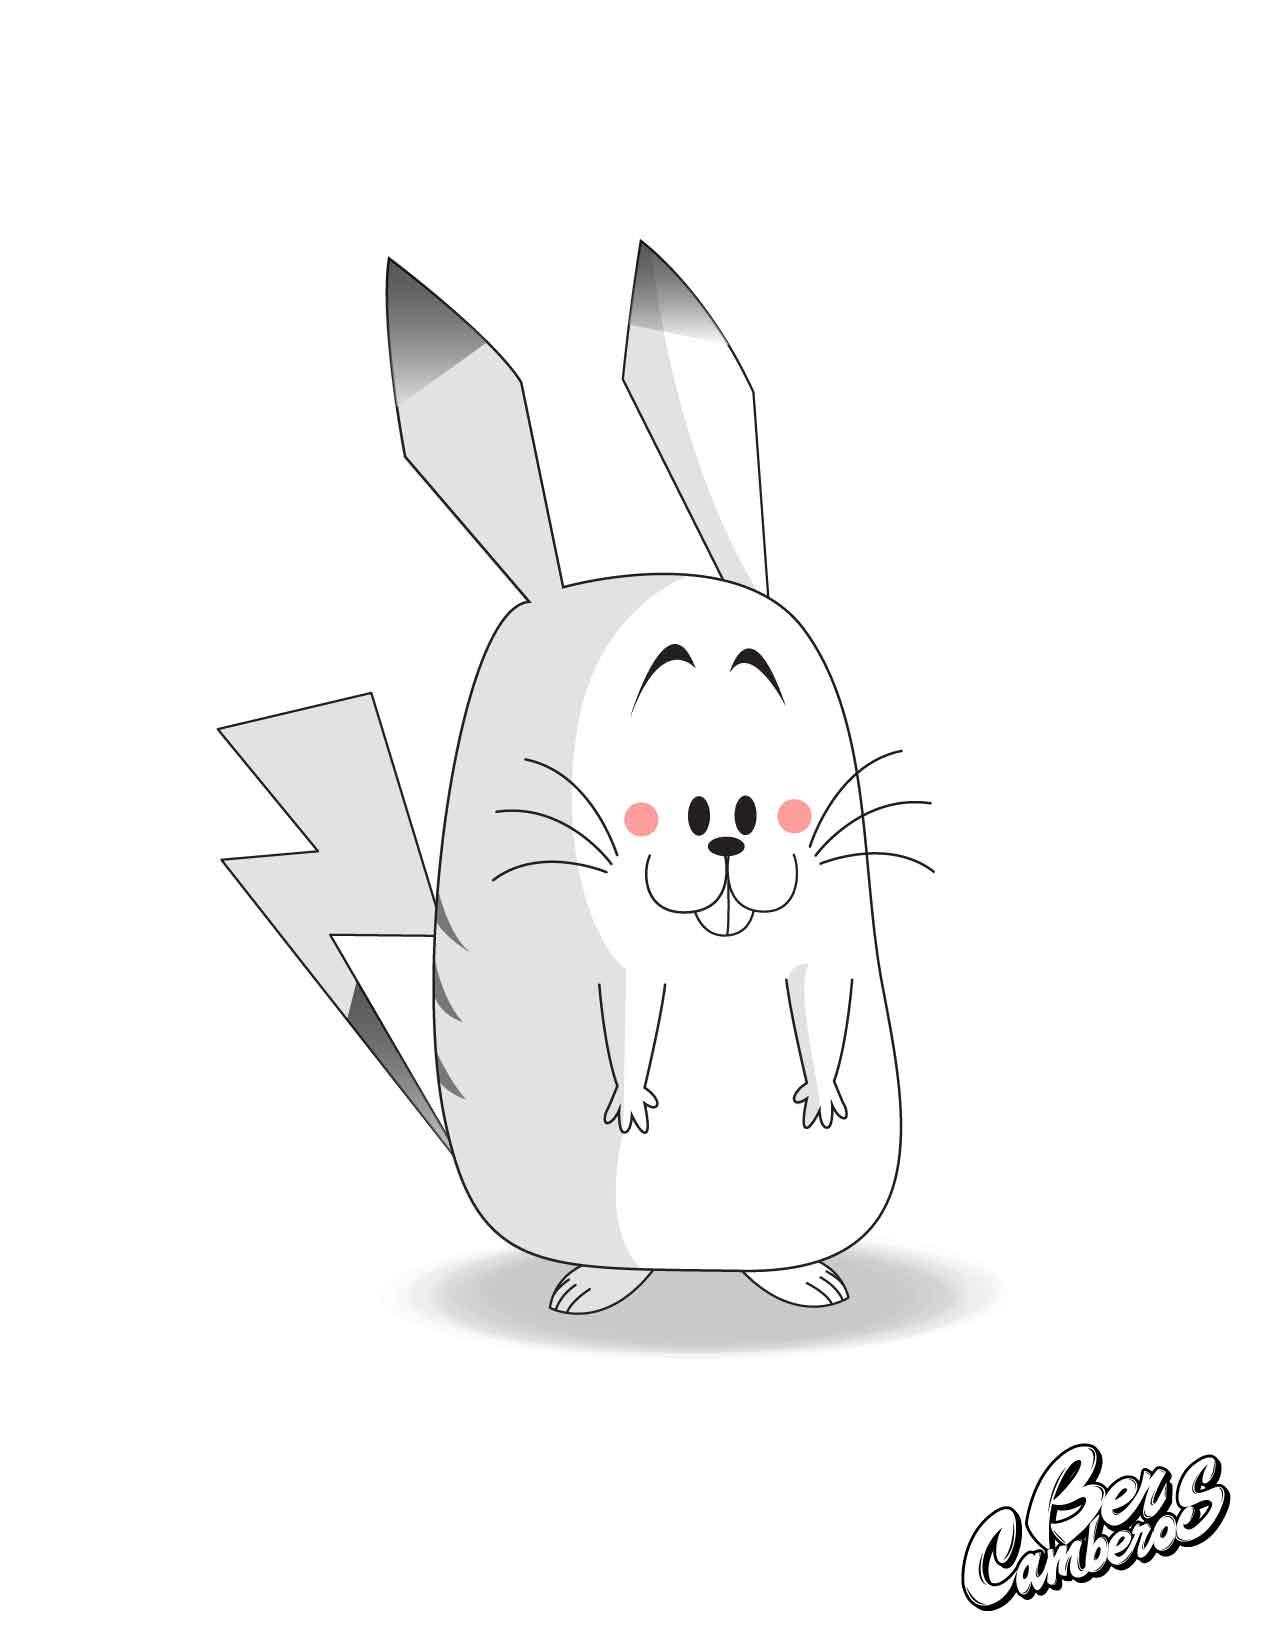 pikachu-01.jpg